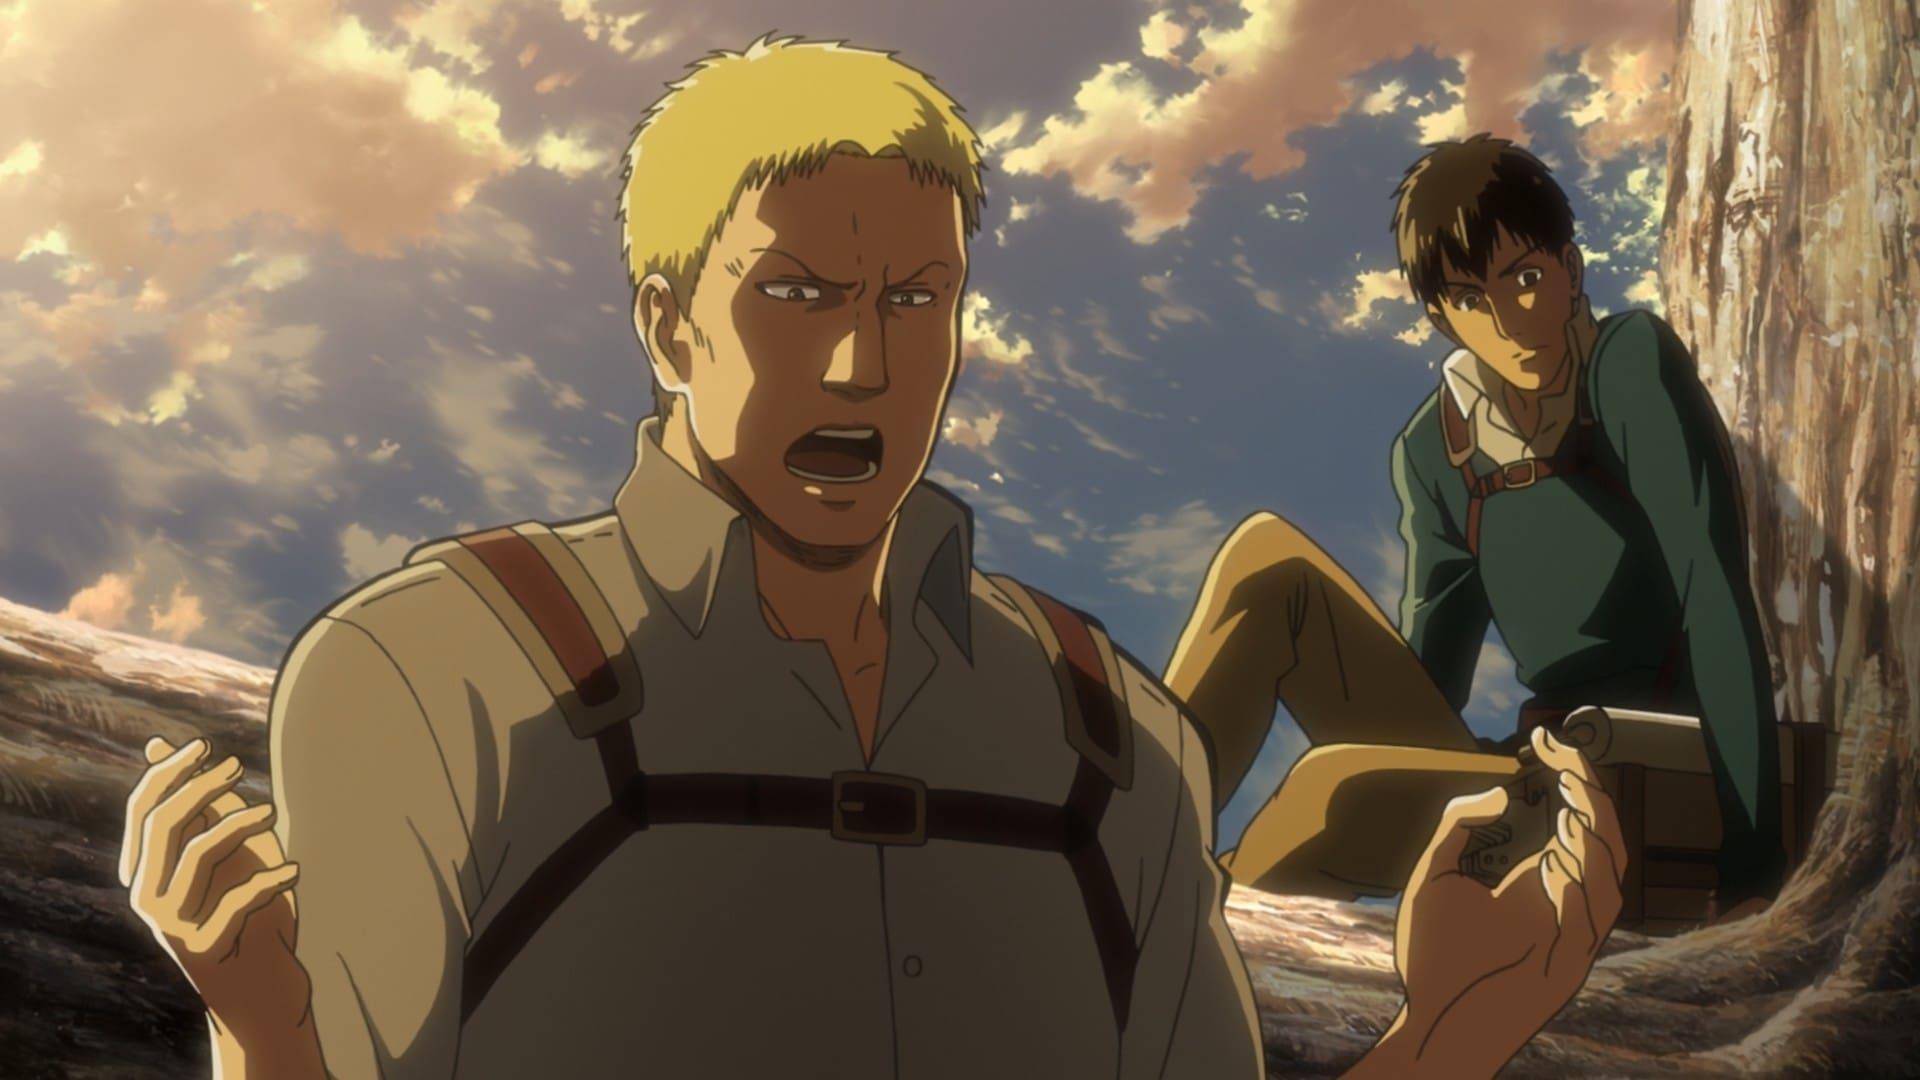 Nonton Attack on Titan: Season 2 Episode 9 - Opening ...